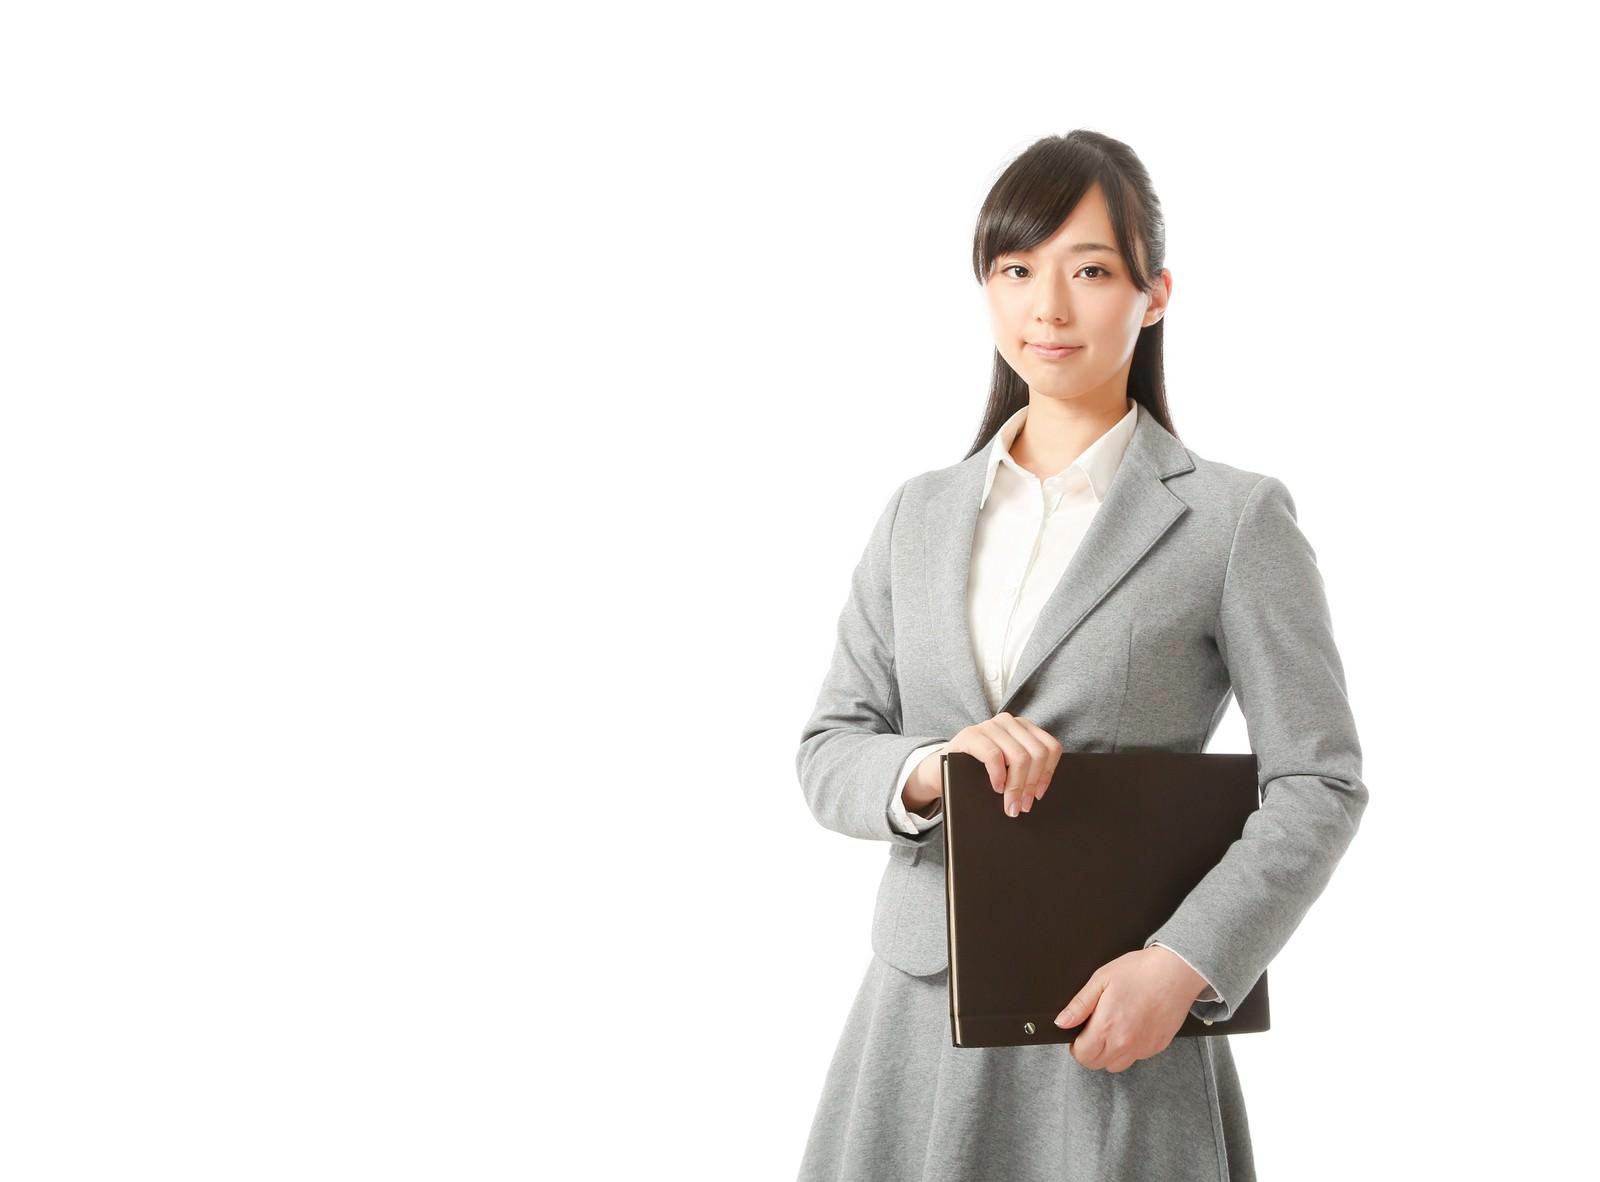 企業/公務員での主な役職一覧|順位・序列・役割